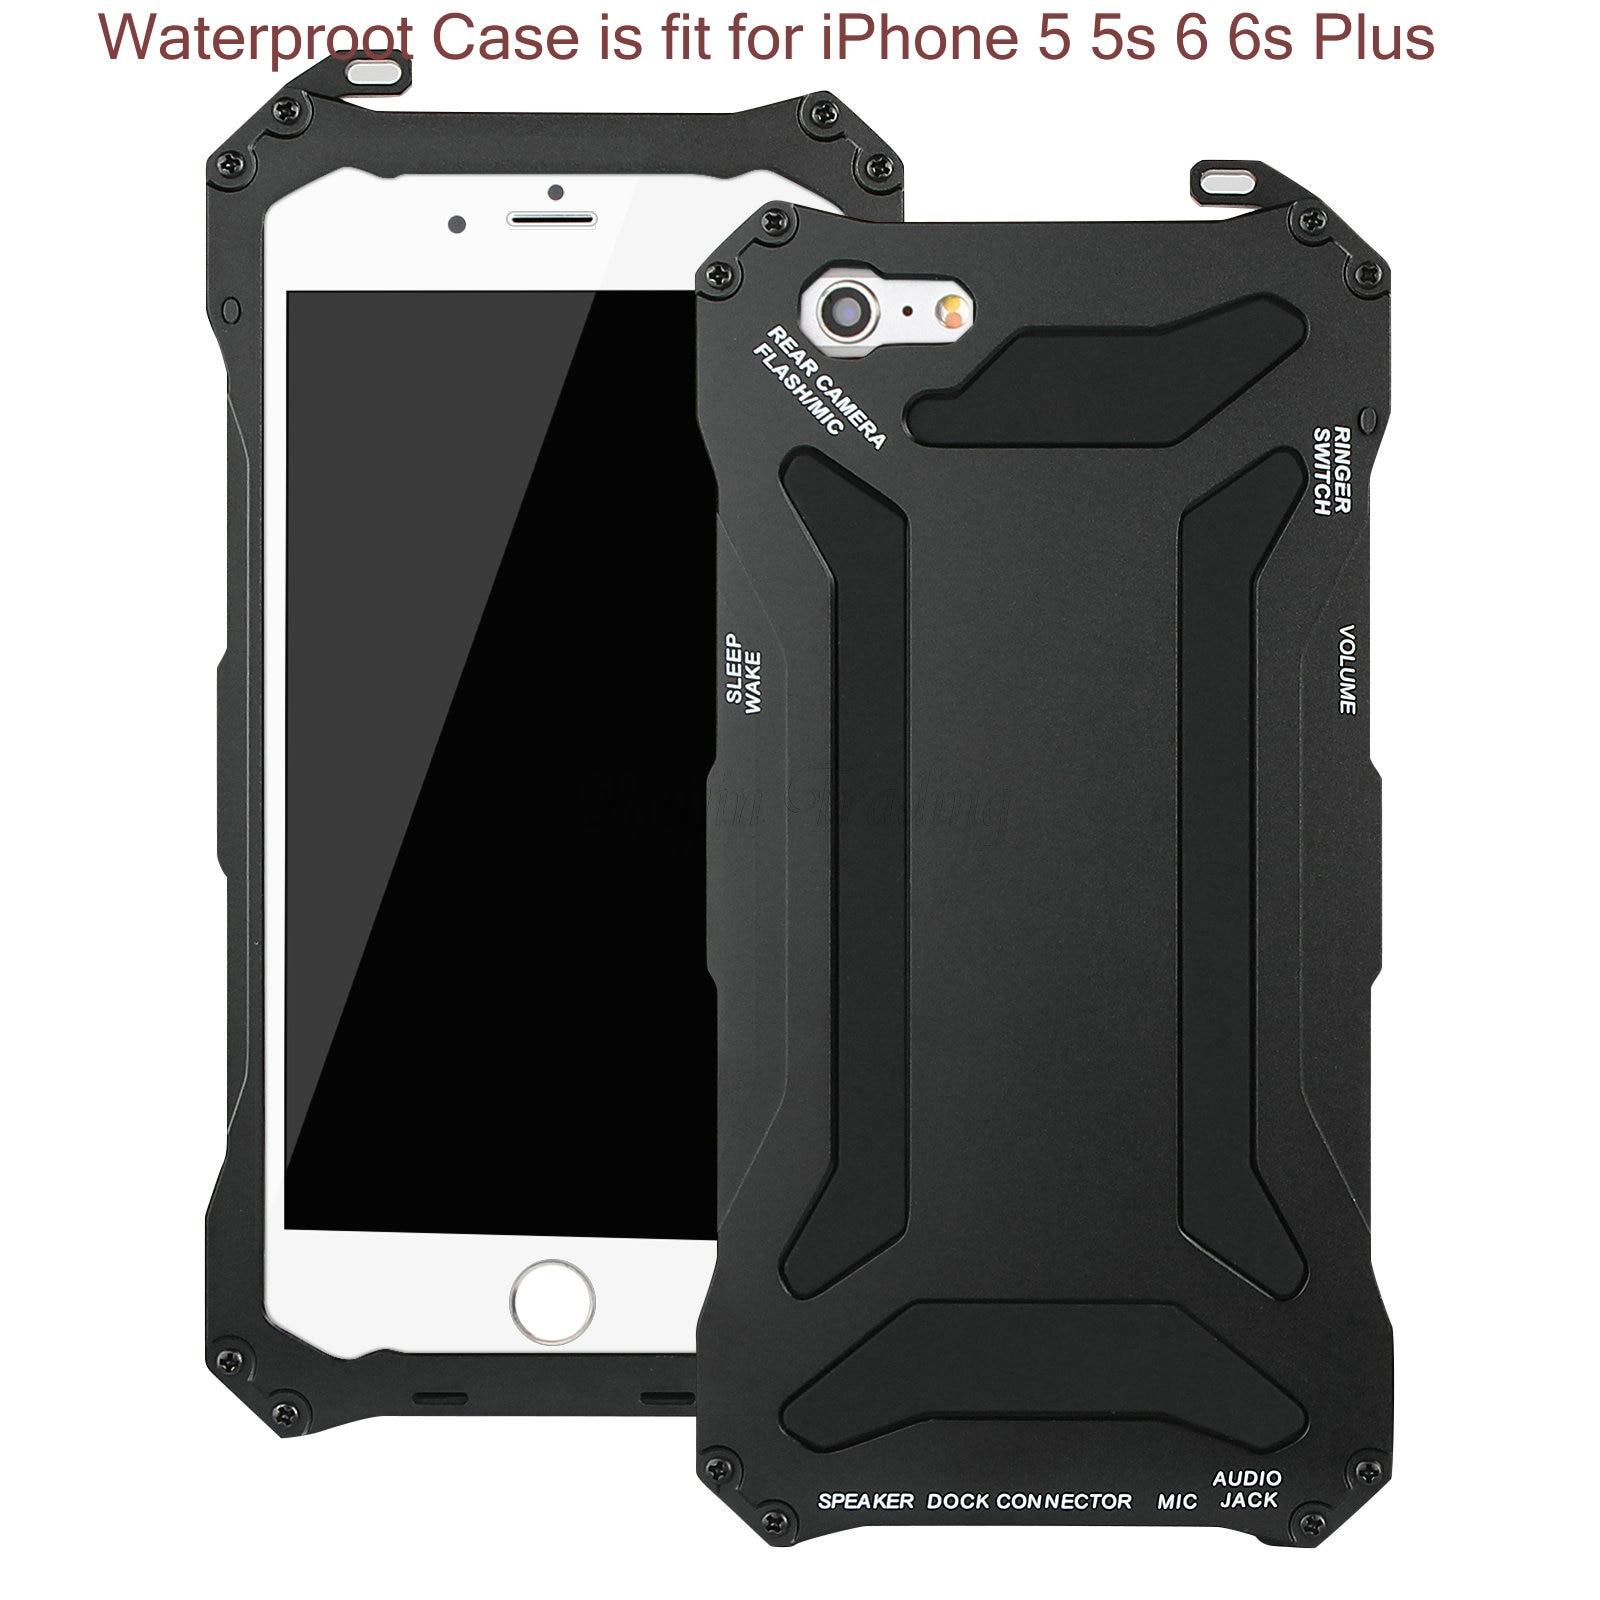 imágenes para A prueba de agua Caja Del Teléfono Móvil Para el iphone 6 s 6 5S 5 6 s más Poderoso Protector A Prueba de Choques de Aluminio de Gorilla Glass Cubierta de Metal